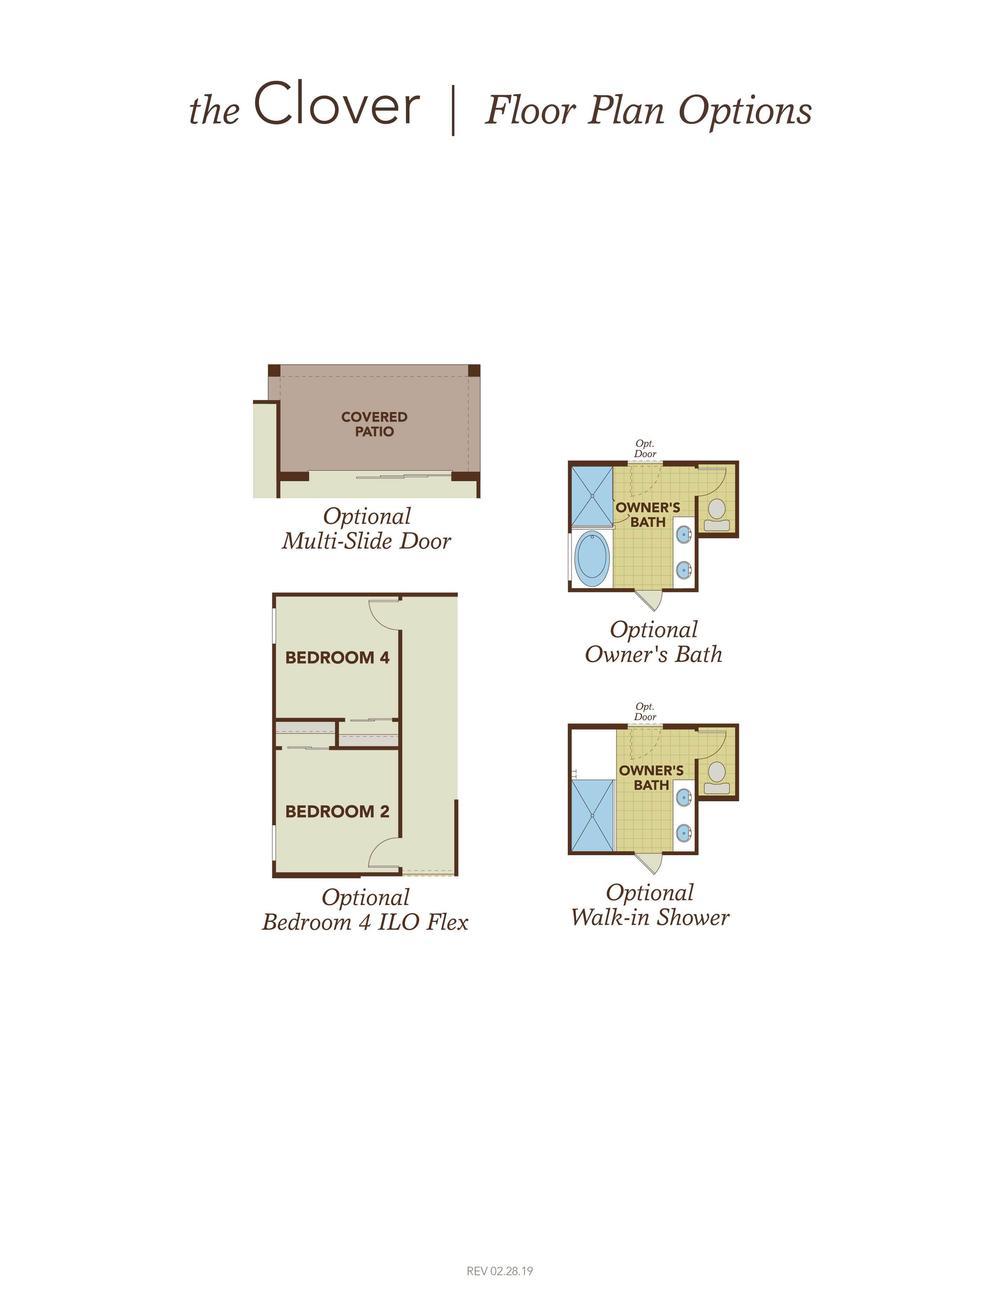 Clover Floor Plan Options